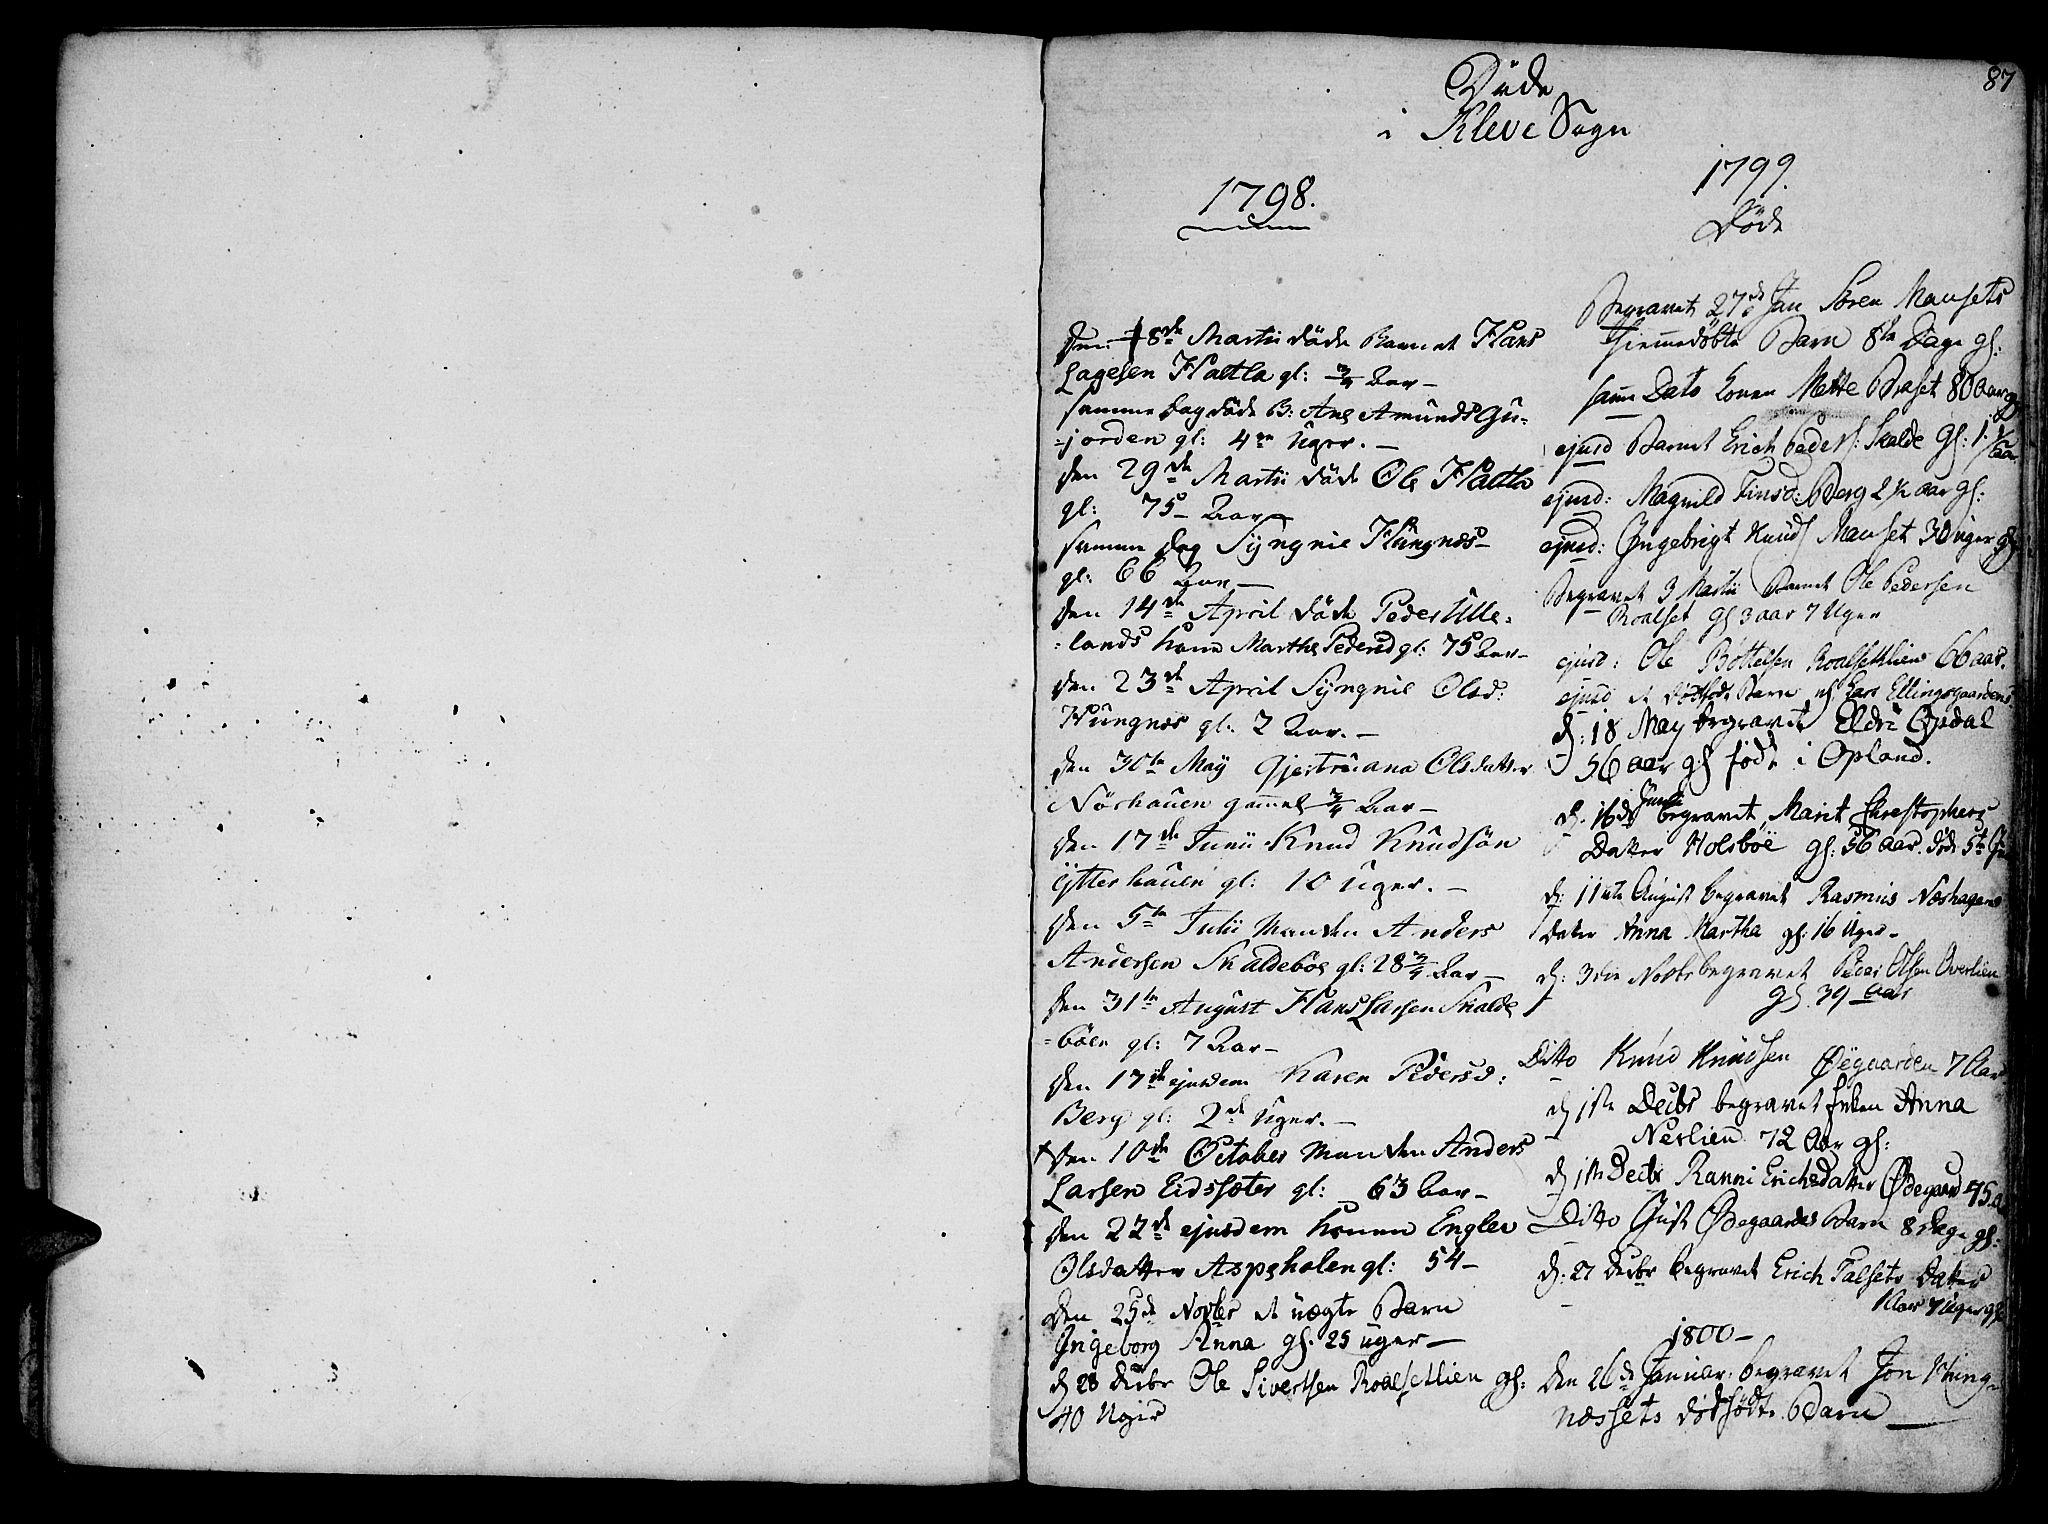 SAT, Ministerialprotokoller, klokkerbøker og fødselsregistre - Møre og Romsdal, 555/L0650: Ministerialbok nr. 555A02 /2, 1798-1821, s. 87